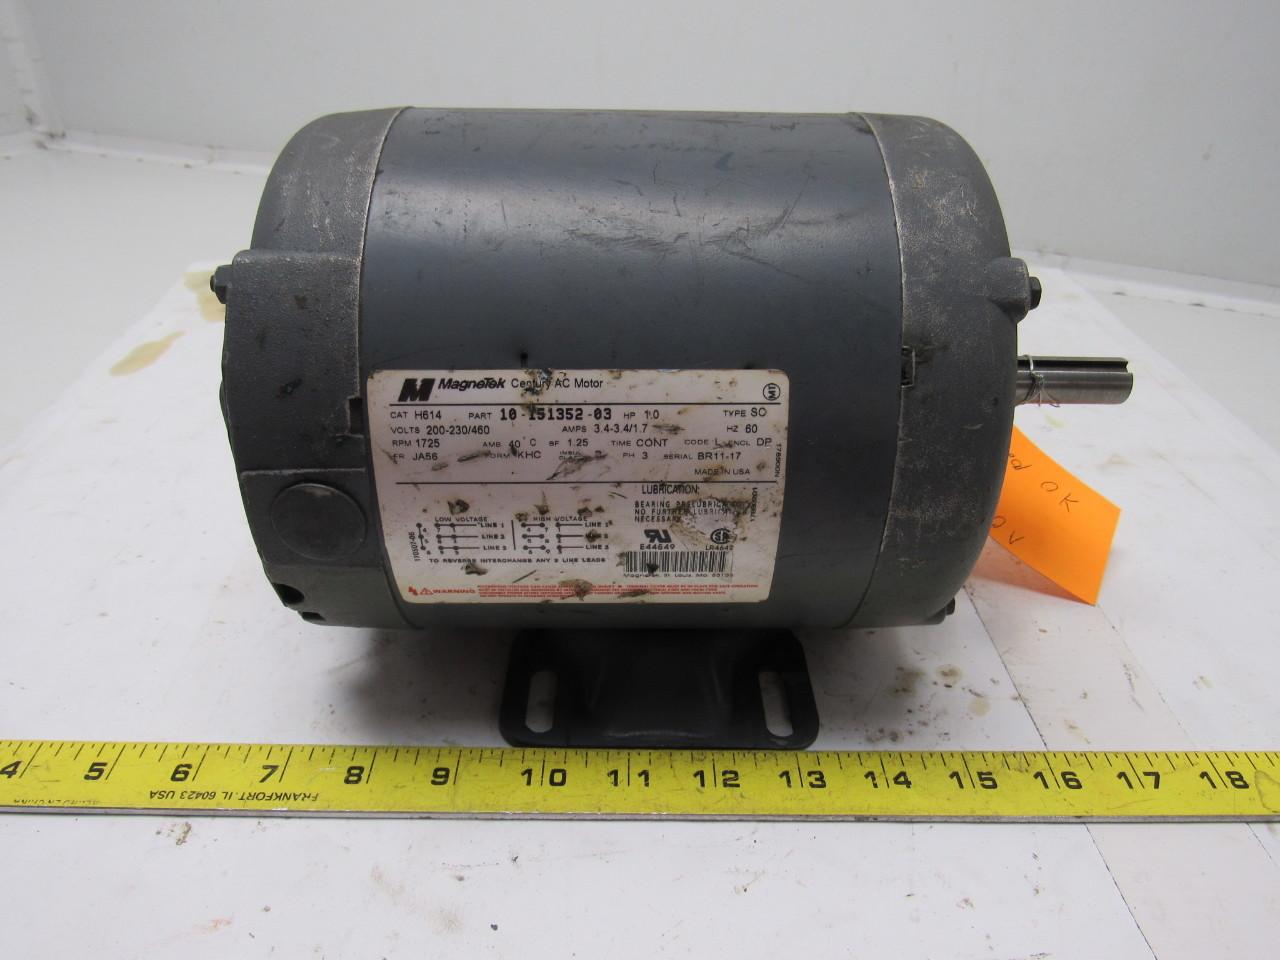 Magnetek 10 151352 03 H614 1hp 3ph 200 230 460v 1725rpm